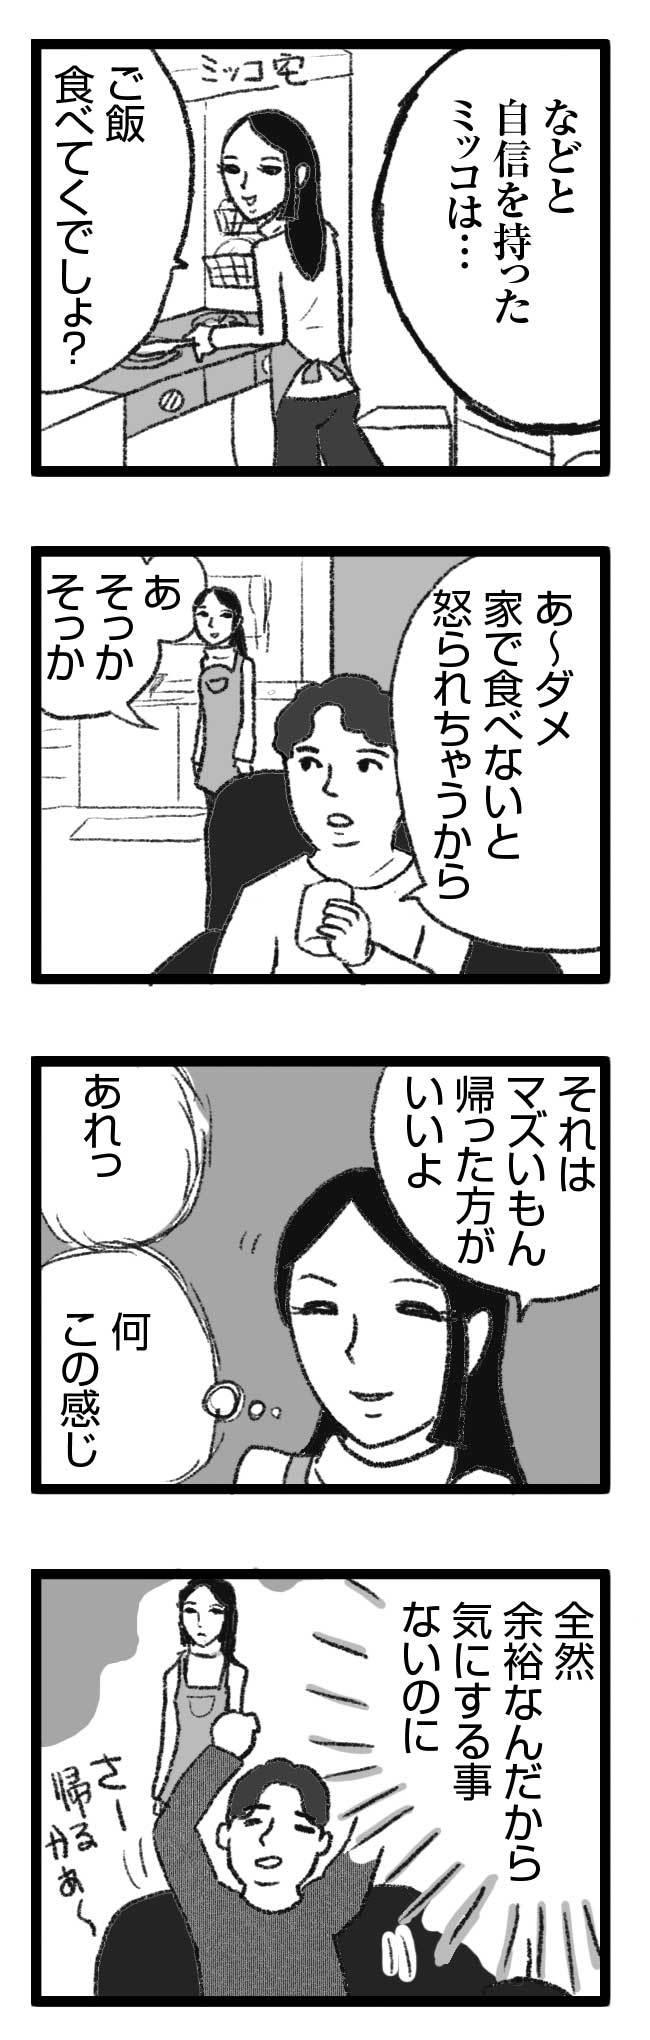 危険なミッコ4 婚活 恋活 不倫 元彼 職場 ふりん まんが 漫画 マンガ